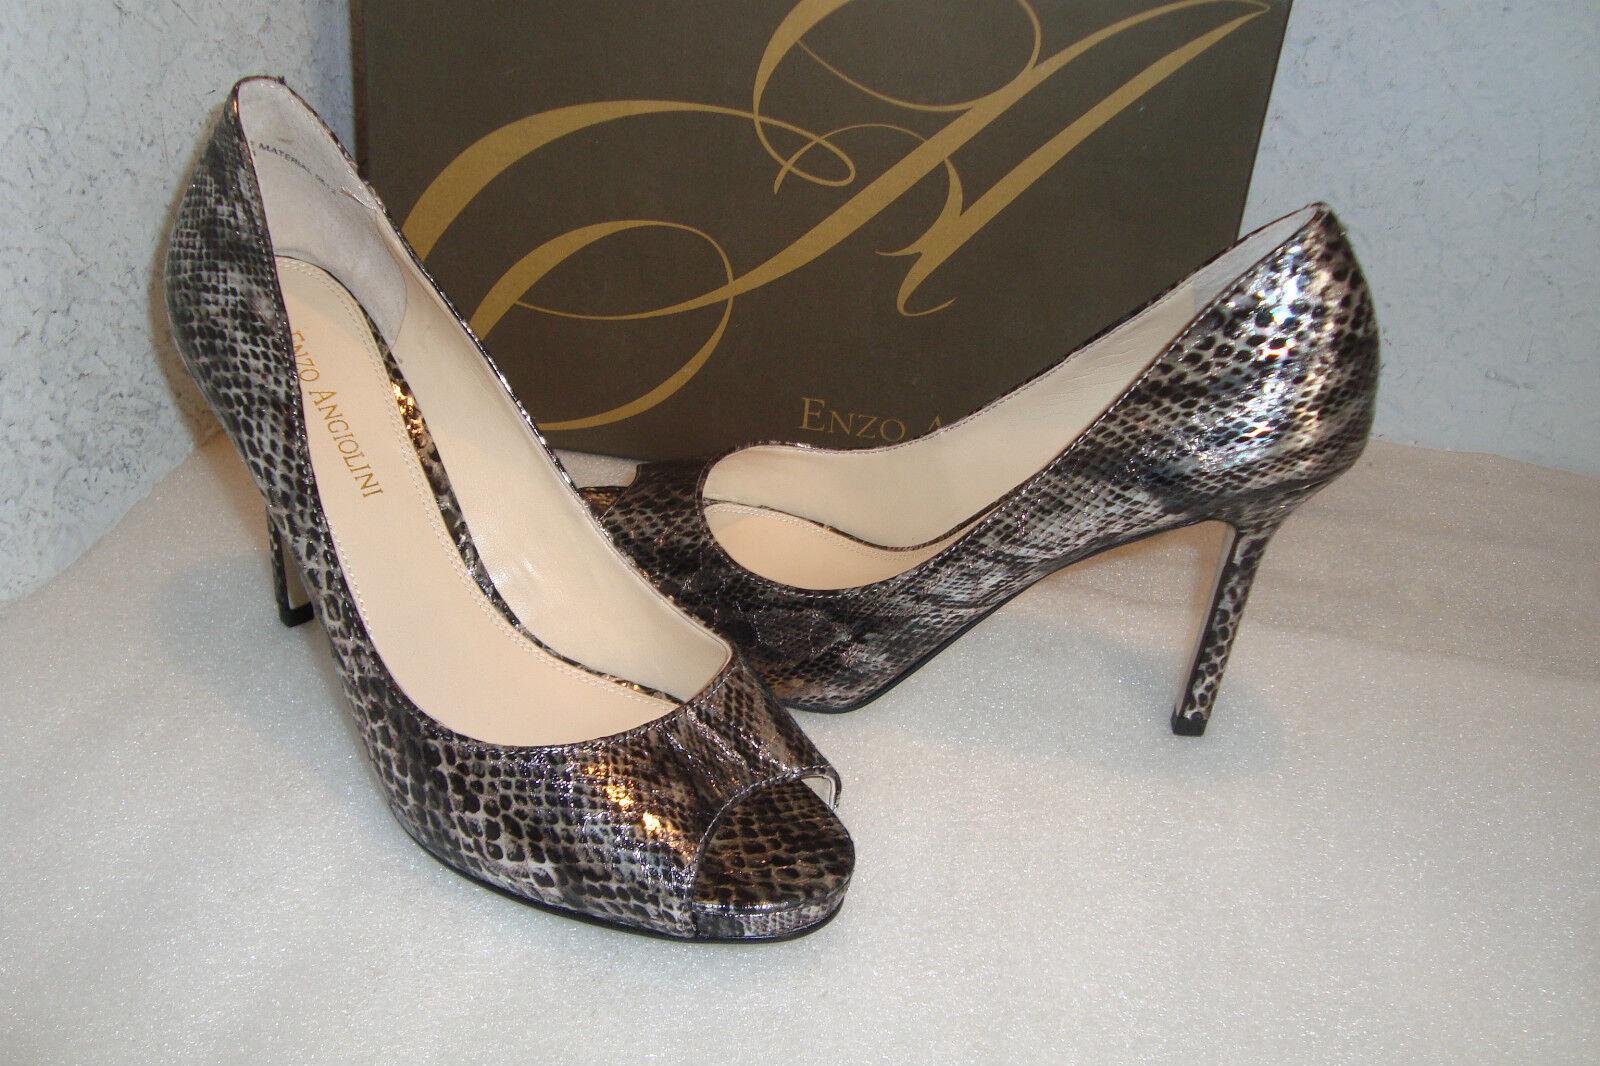 ENZO Angiolini Maiven para para para mujer Nuevo con Caja Estaño Tacones Zapatos 6.5 MED Nuevo  los clientes primero